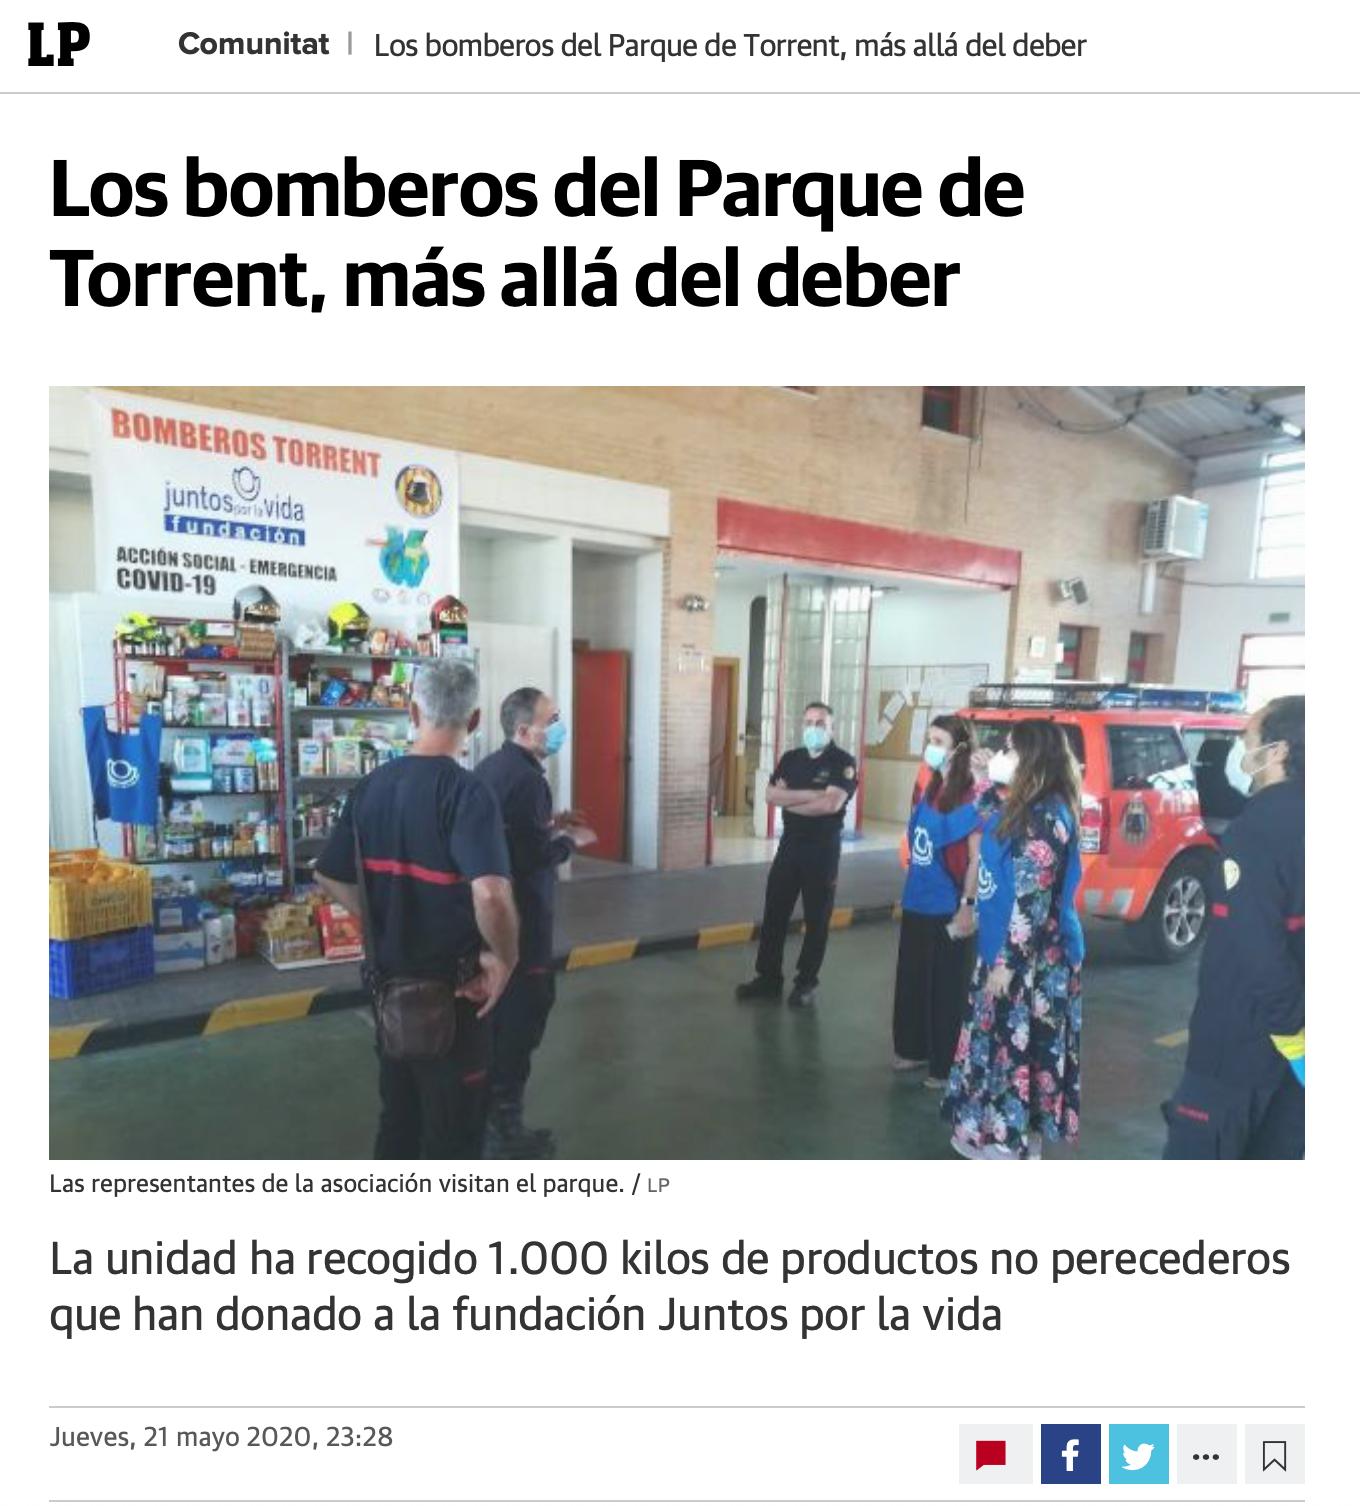 Más allá del deber. Los Bomberos del Parque de Torrent. LAS PROVINCIAS 21 MAYO.